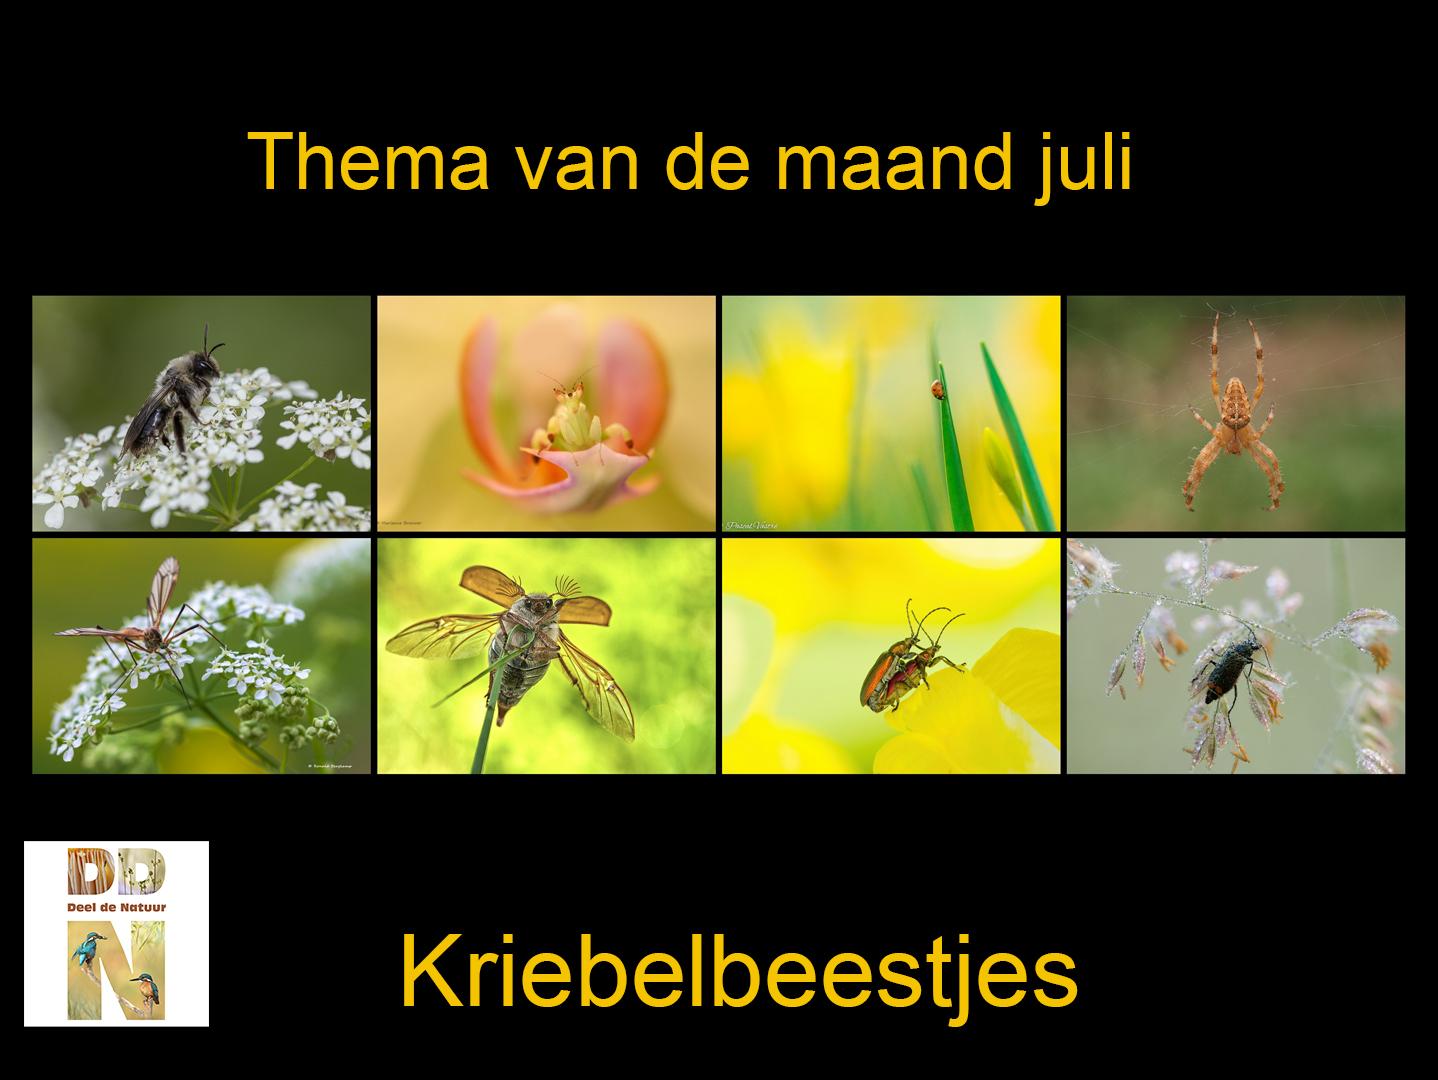 Thema van de maand - kriebelbeestjes - Spotlight